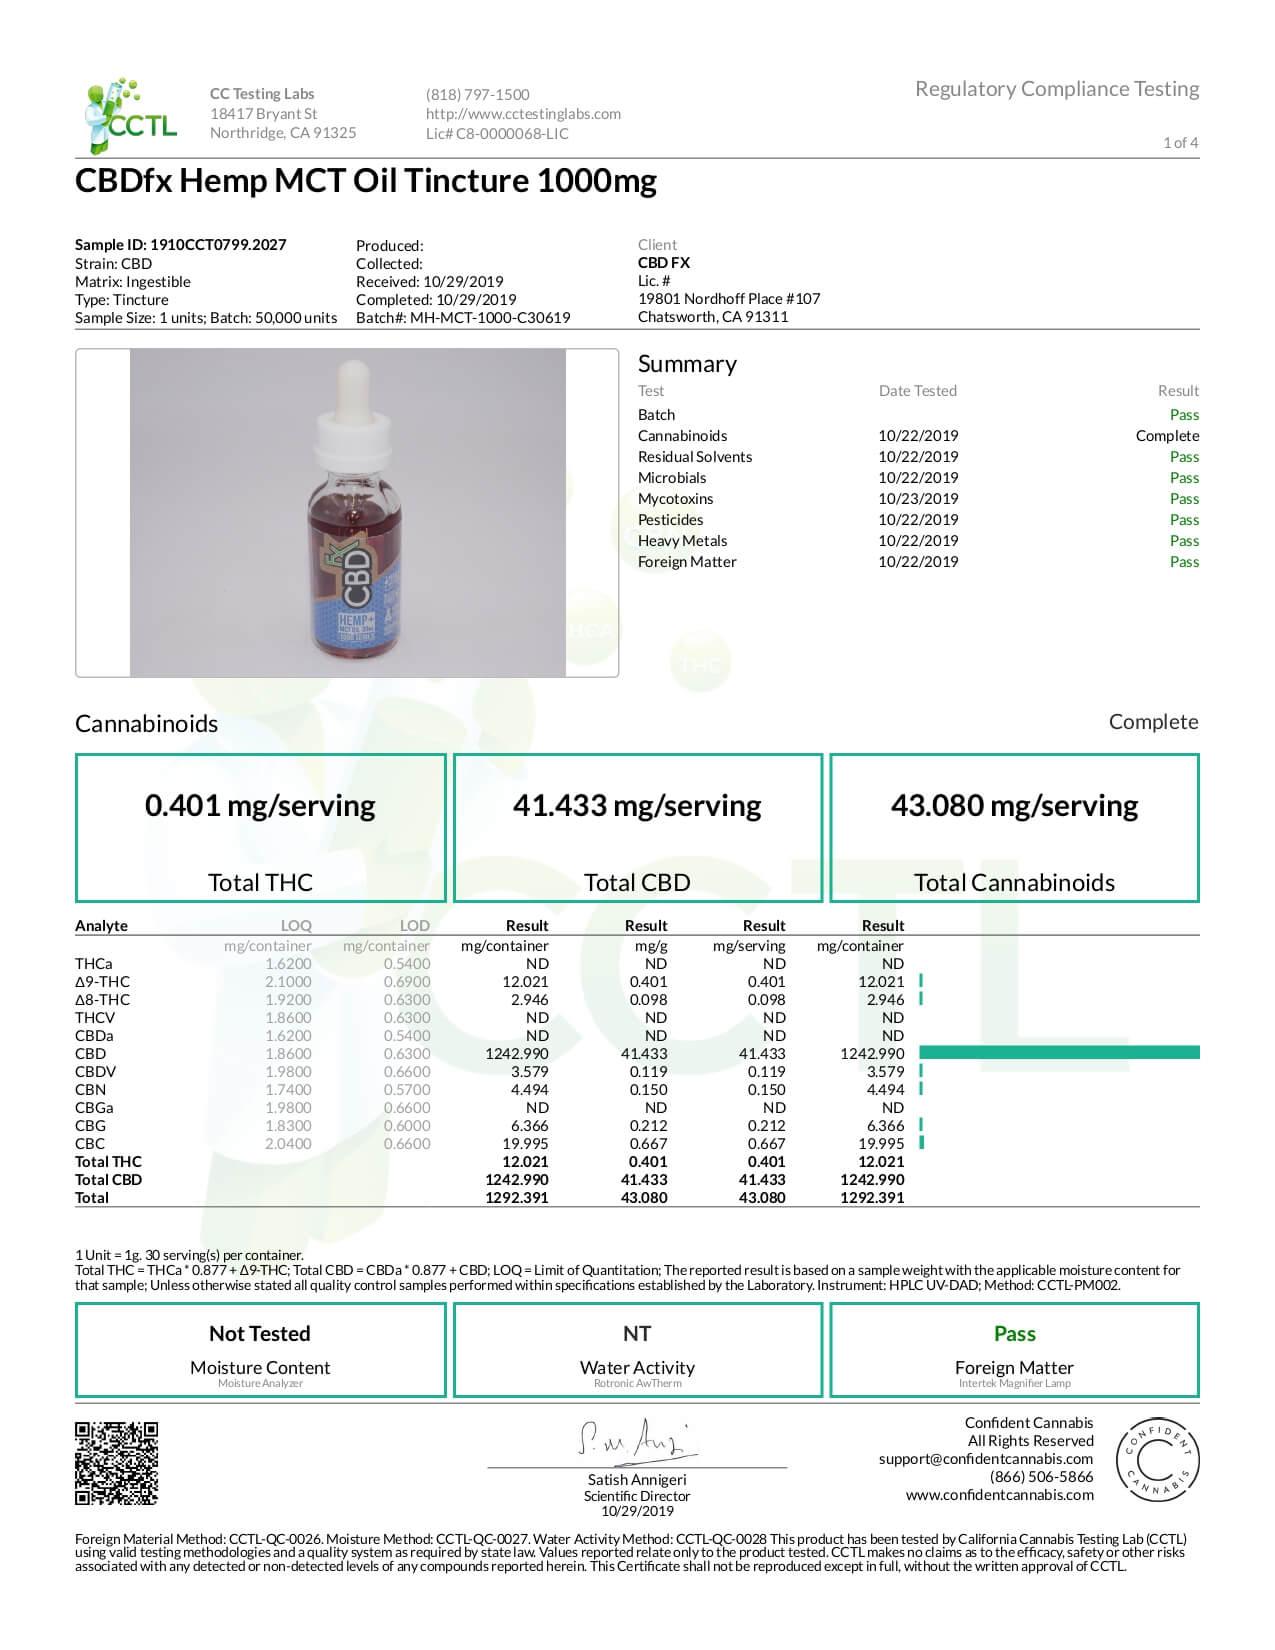 CBDfx CBD Tincture Oil Lab Report Full Spectrum 1000mg